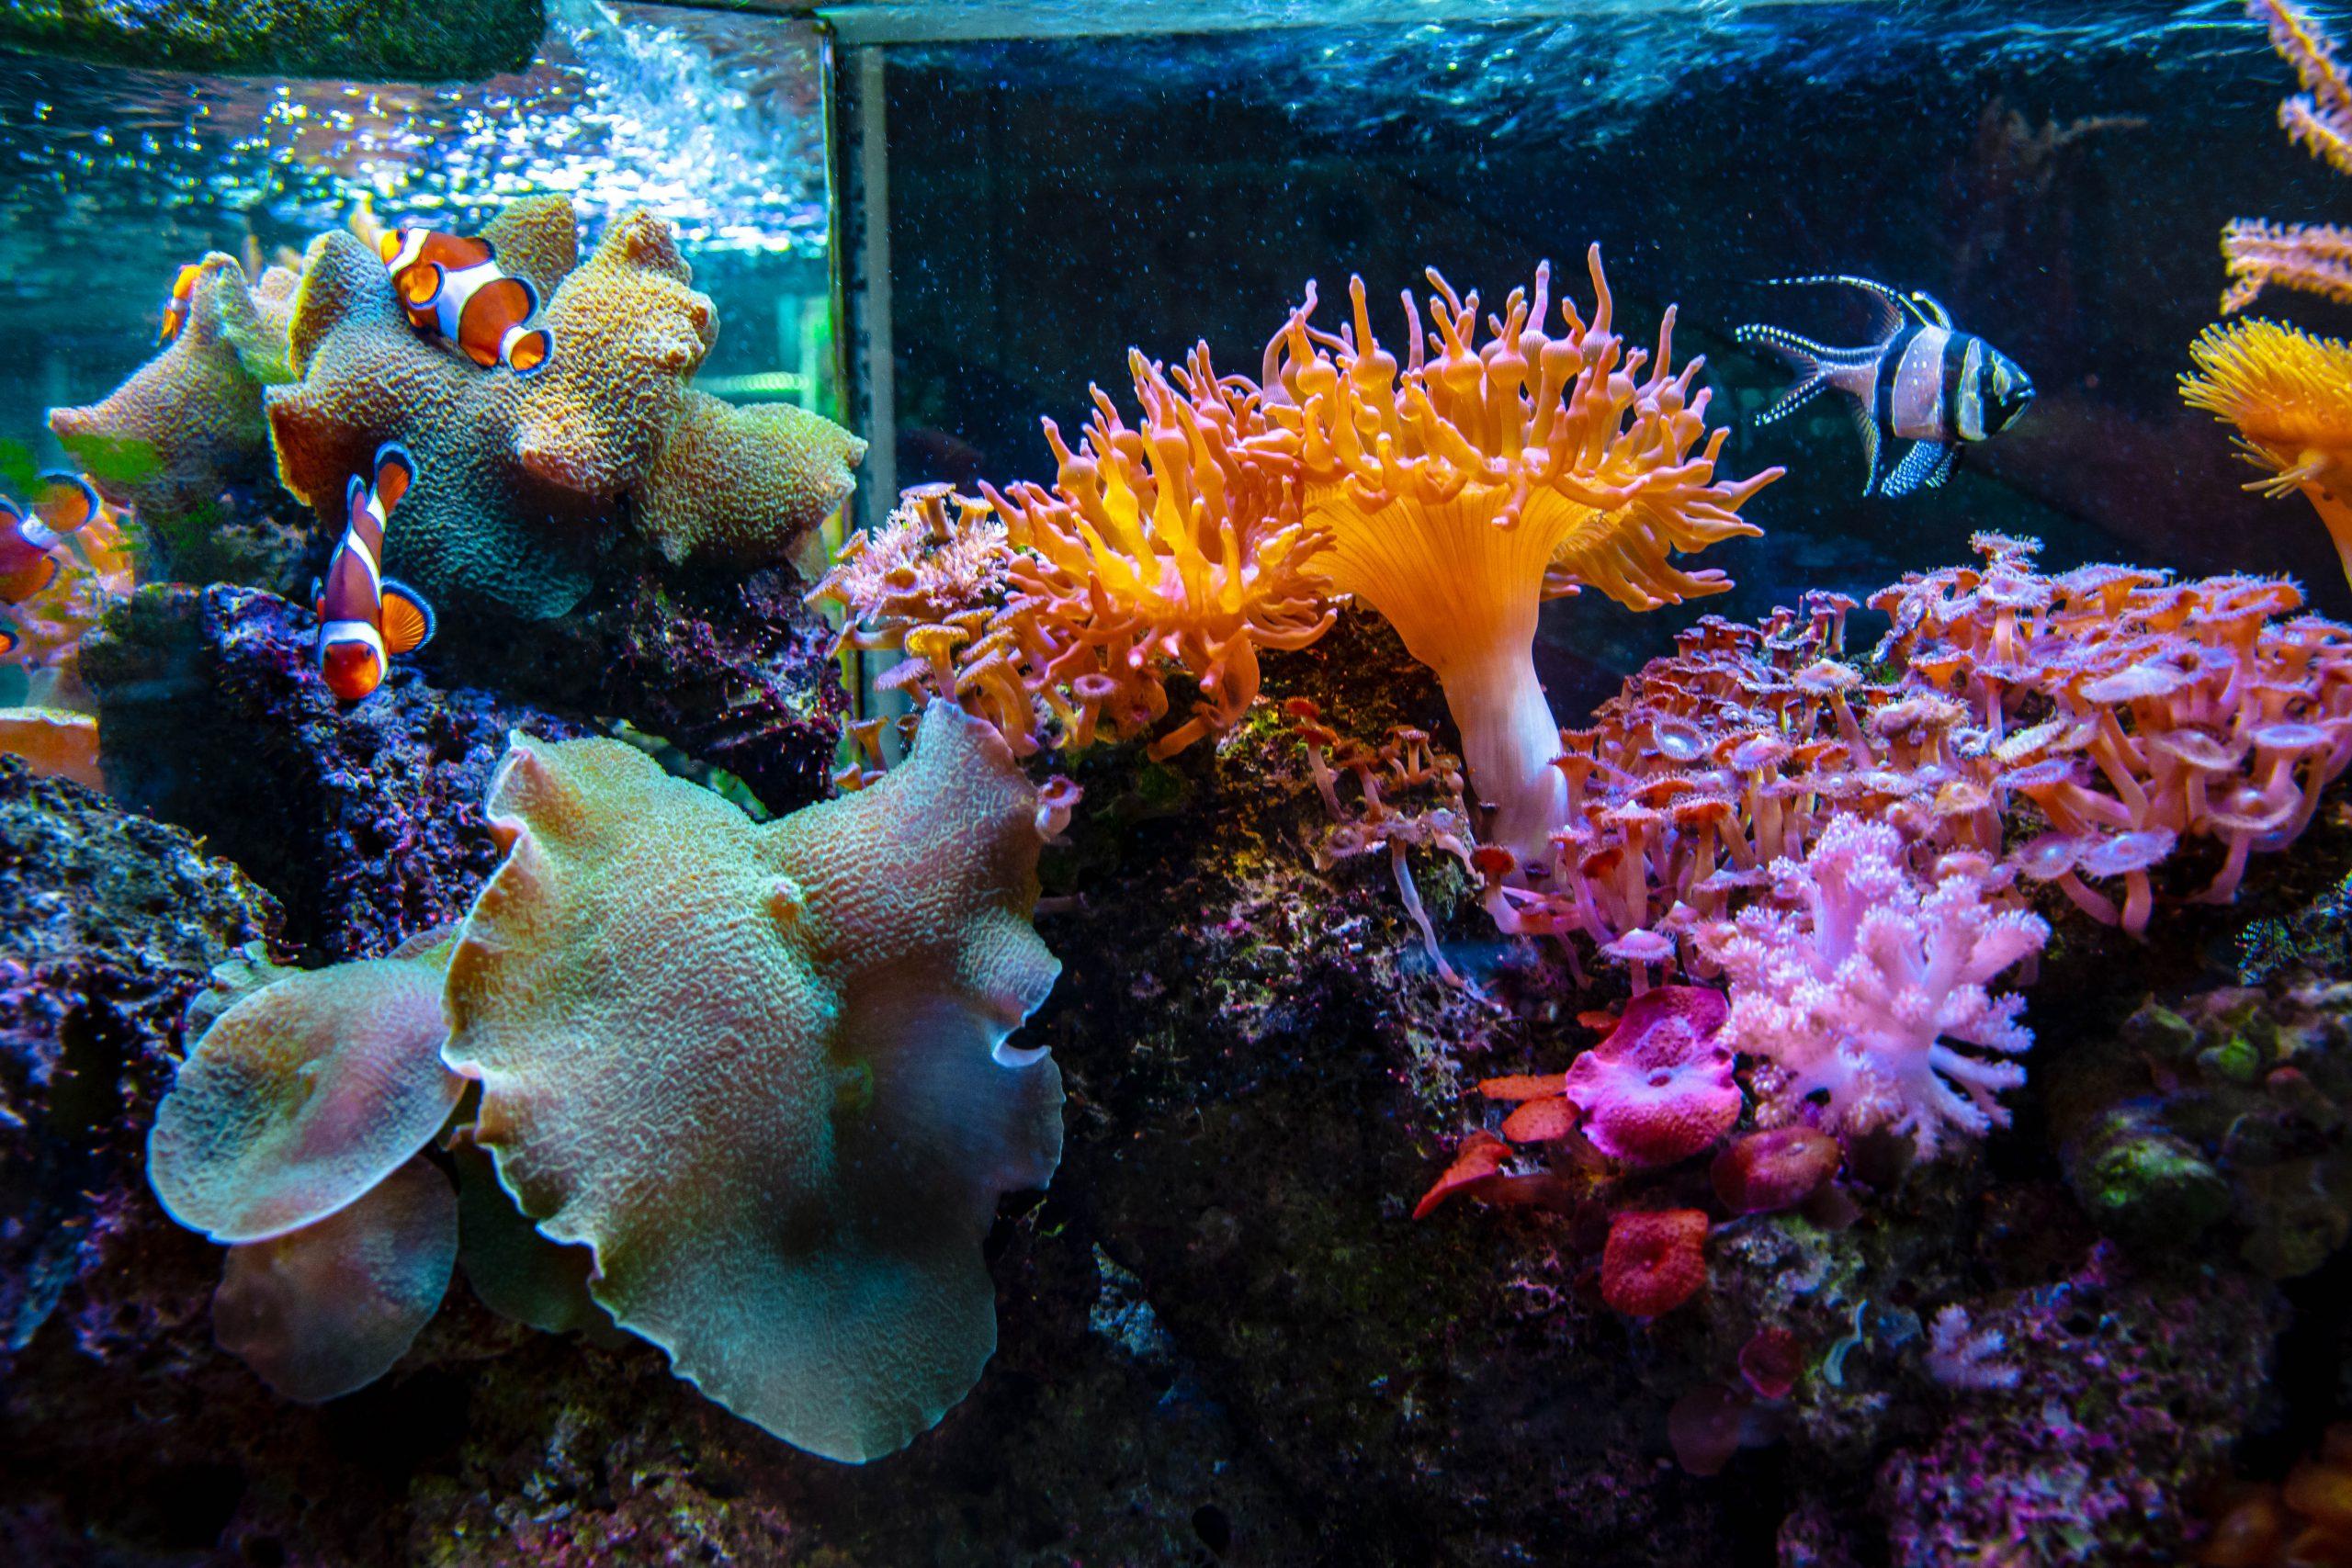 U Javnom akvarijumu: Mesto gde su životinje uvek na prvom mestu 2